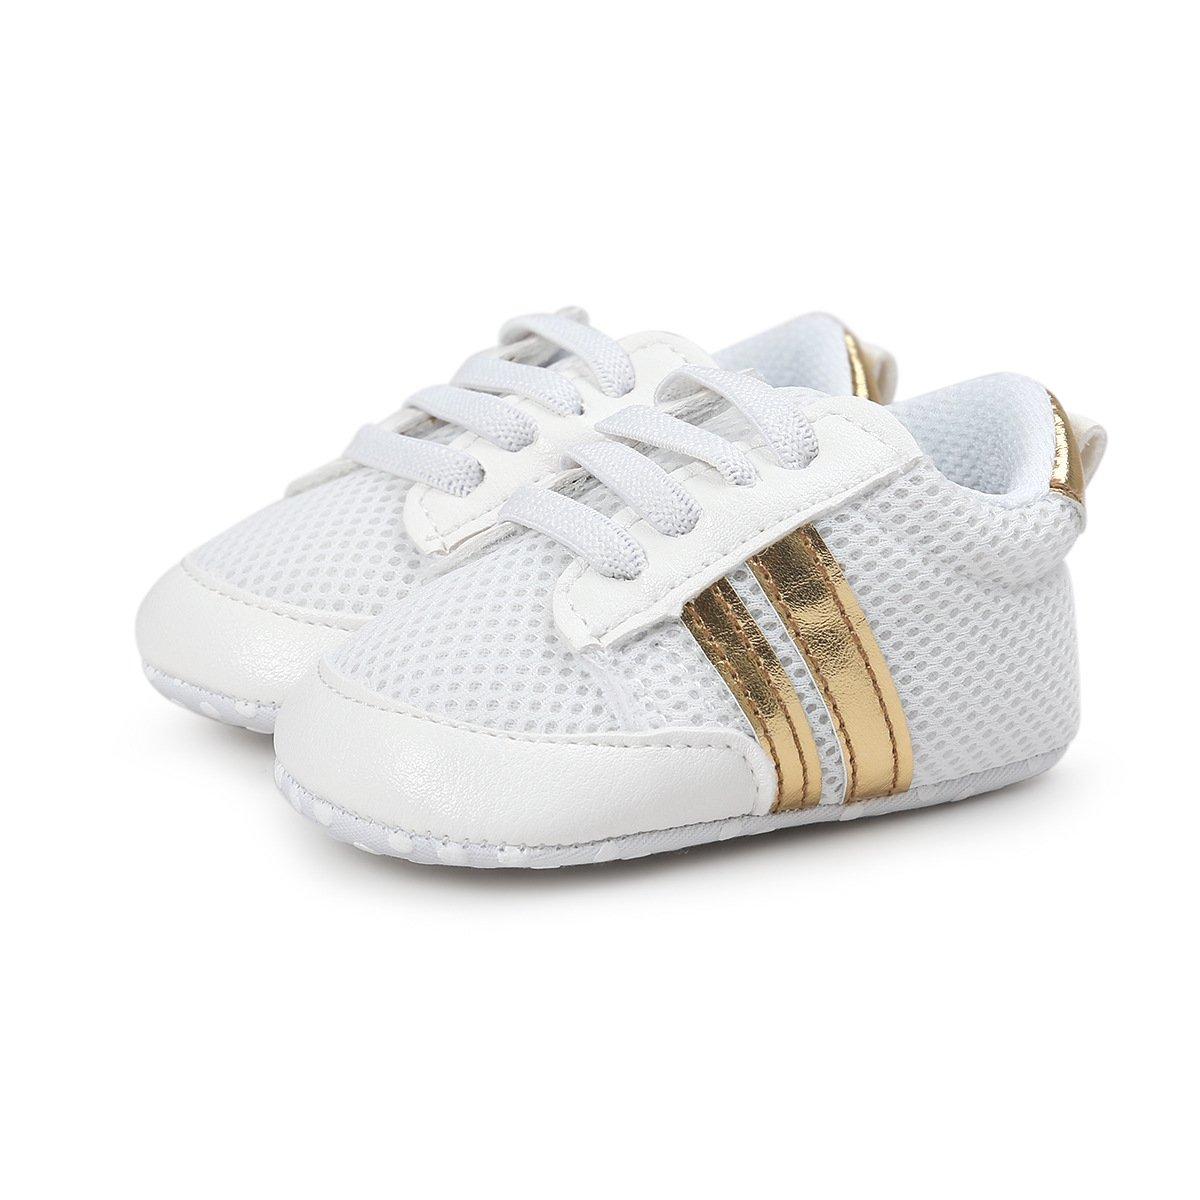 Tutoo 男女通用婴儿鞋男童女童夏季透气网眼跑步运动鞋婴儿*步行者新生儿学步鞋